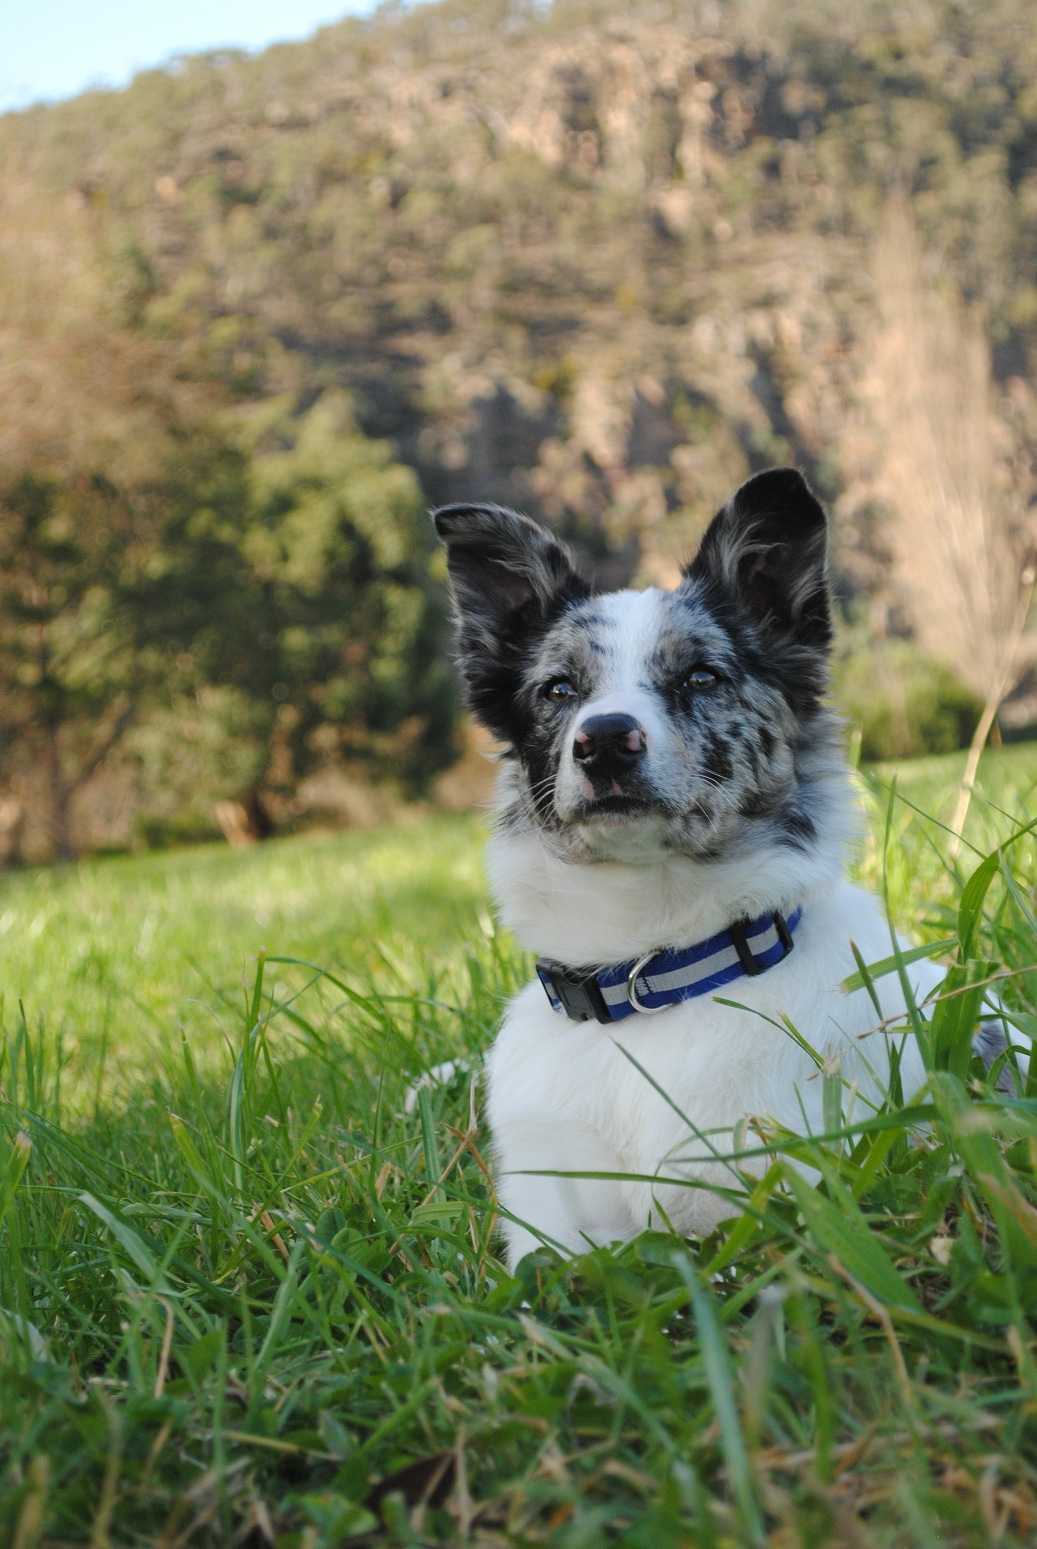 Koolie Dog: Koolie Koolie Dog On The Grass Breed